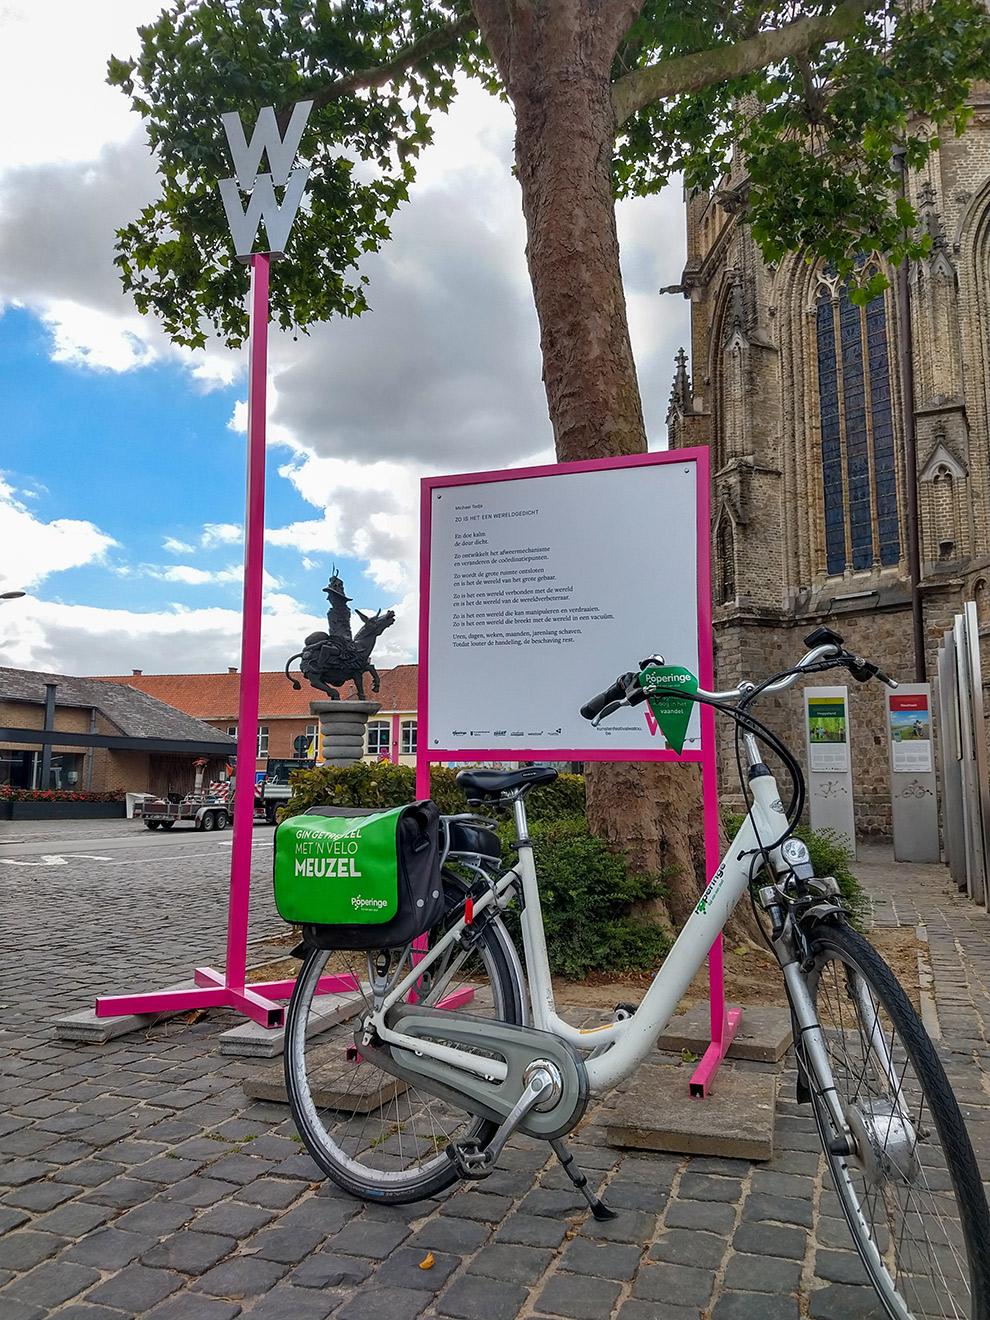 Verken het gedichtenparcours op de fiets